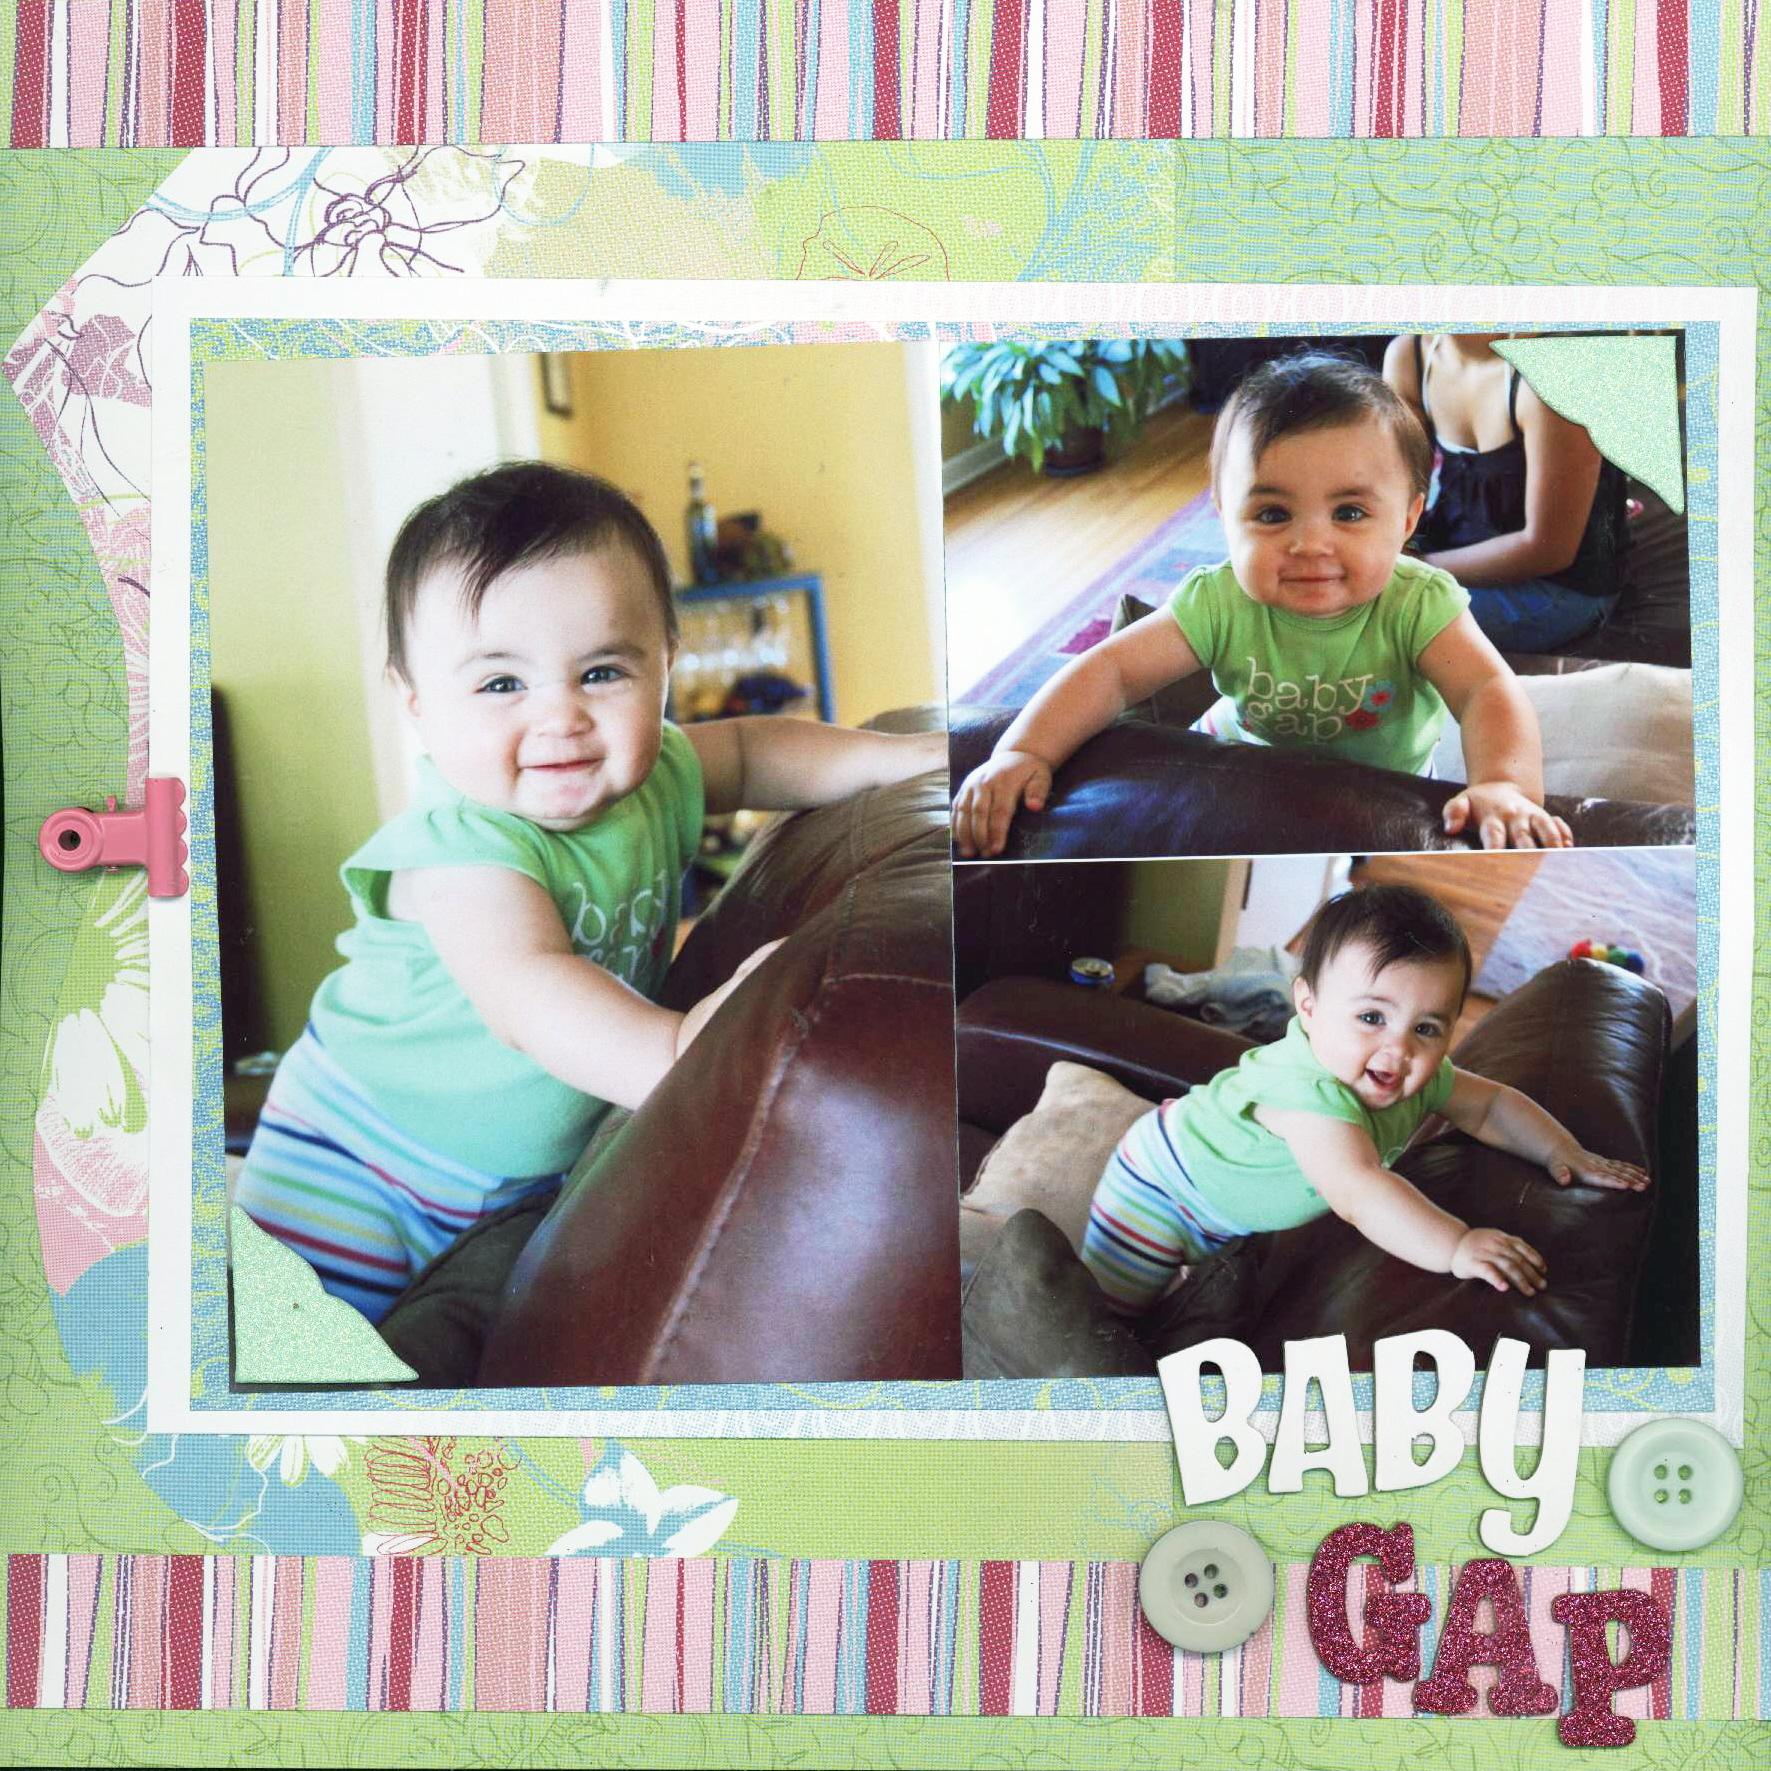 Baby scrapbook page ideas - Scrapbook Idea Scrapbooking Page Ideas Baby Gap